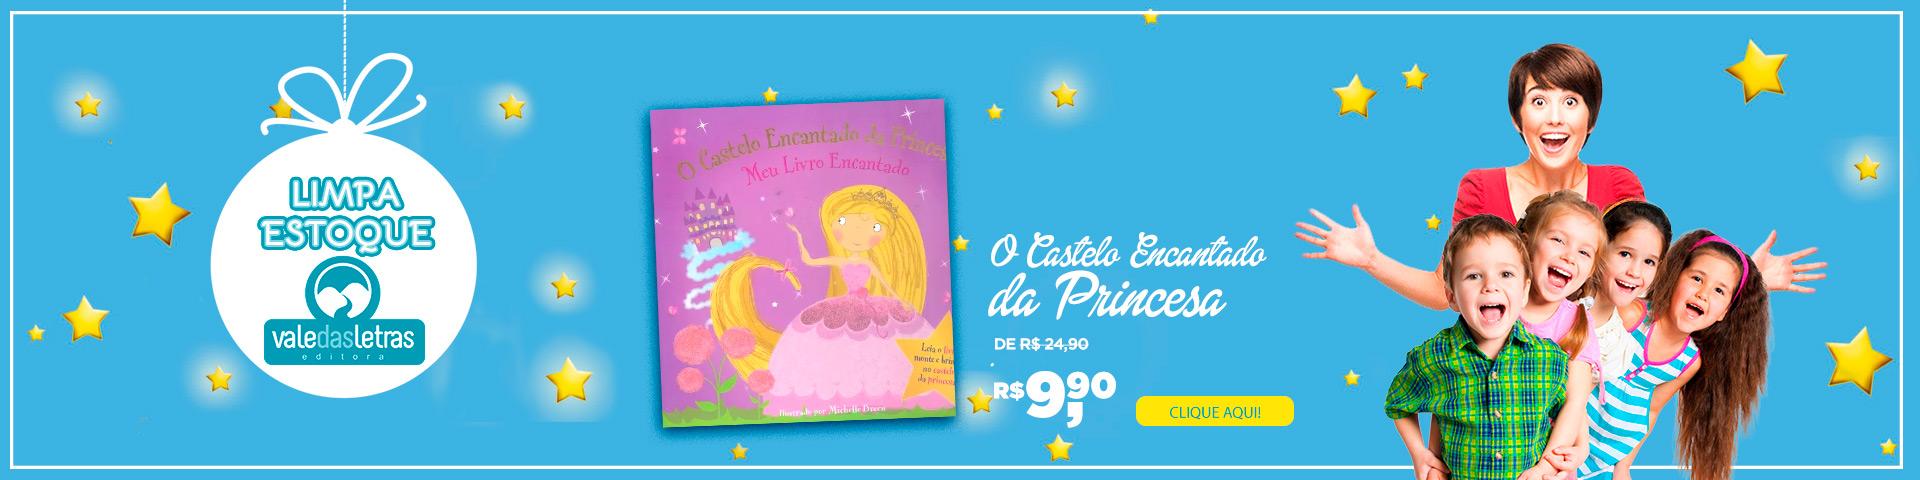 Vale das Letras - O castelo da princesa